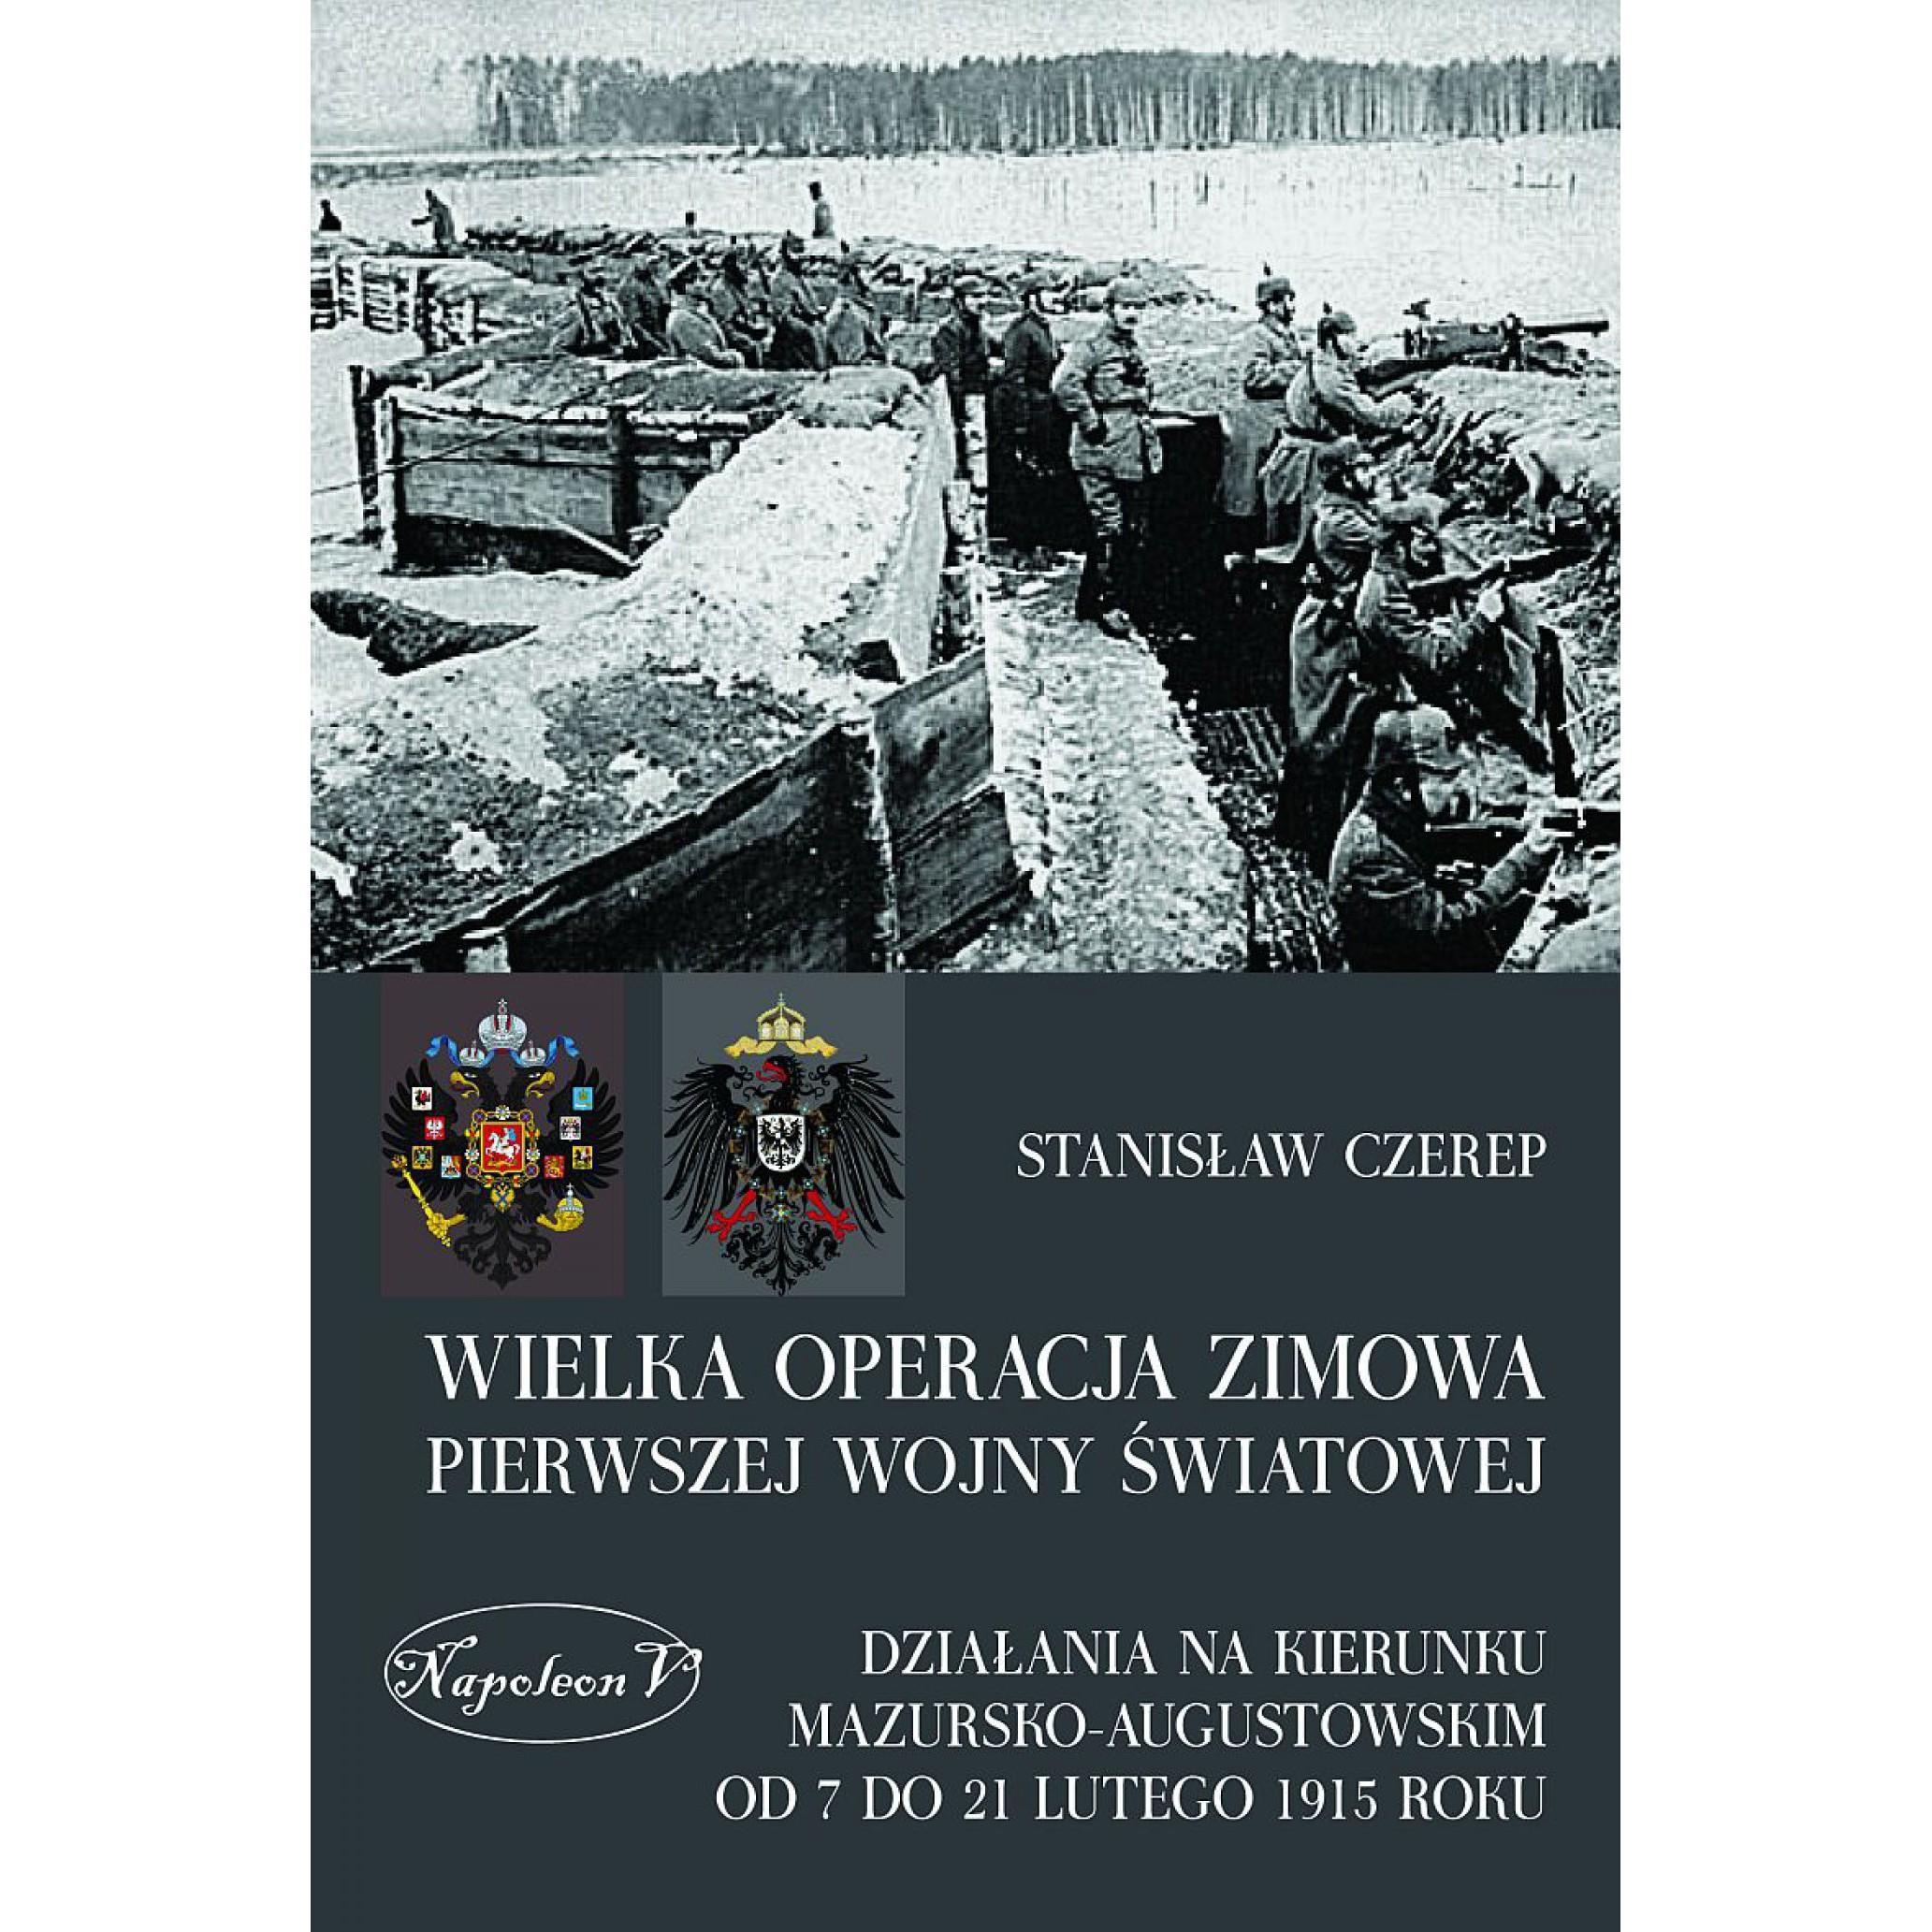 Wielka operacja zimowa pierwszej wojny światowej miękka